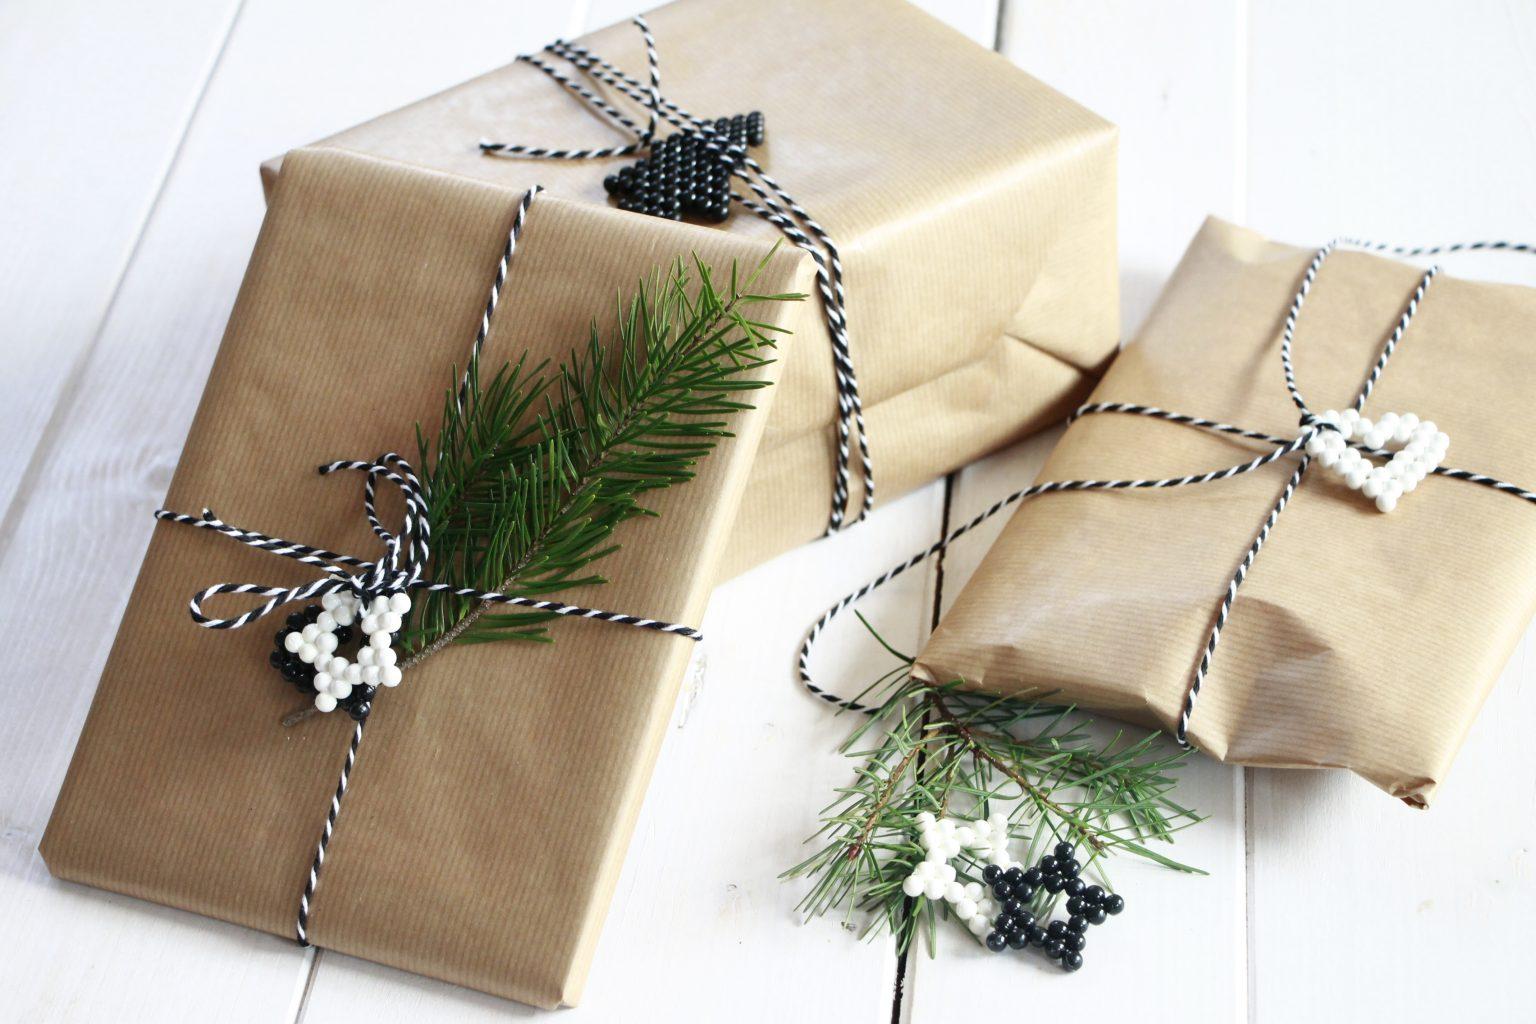 Geschenke verpacken Ideen mit Packpapier